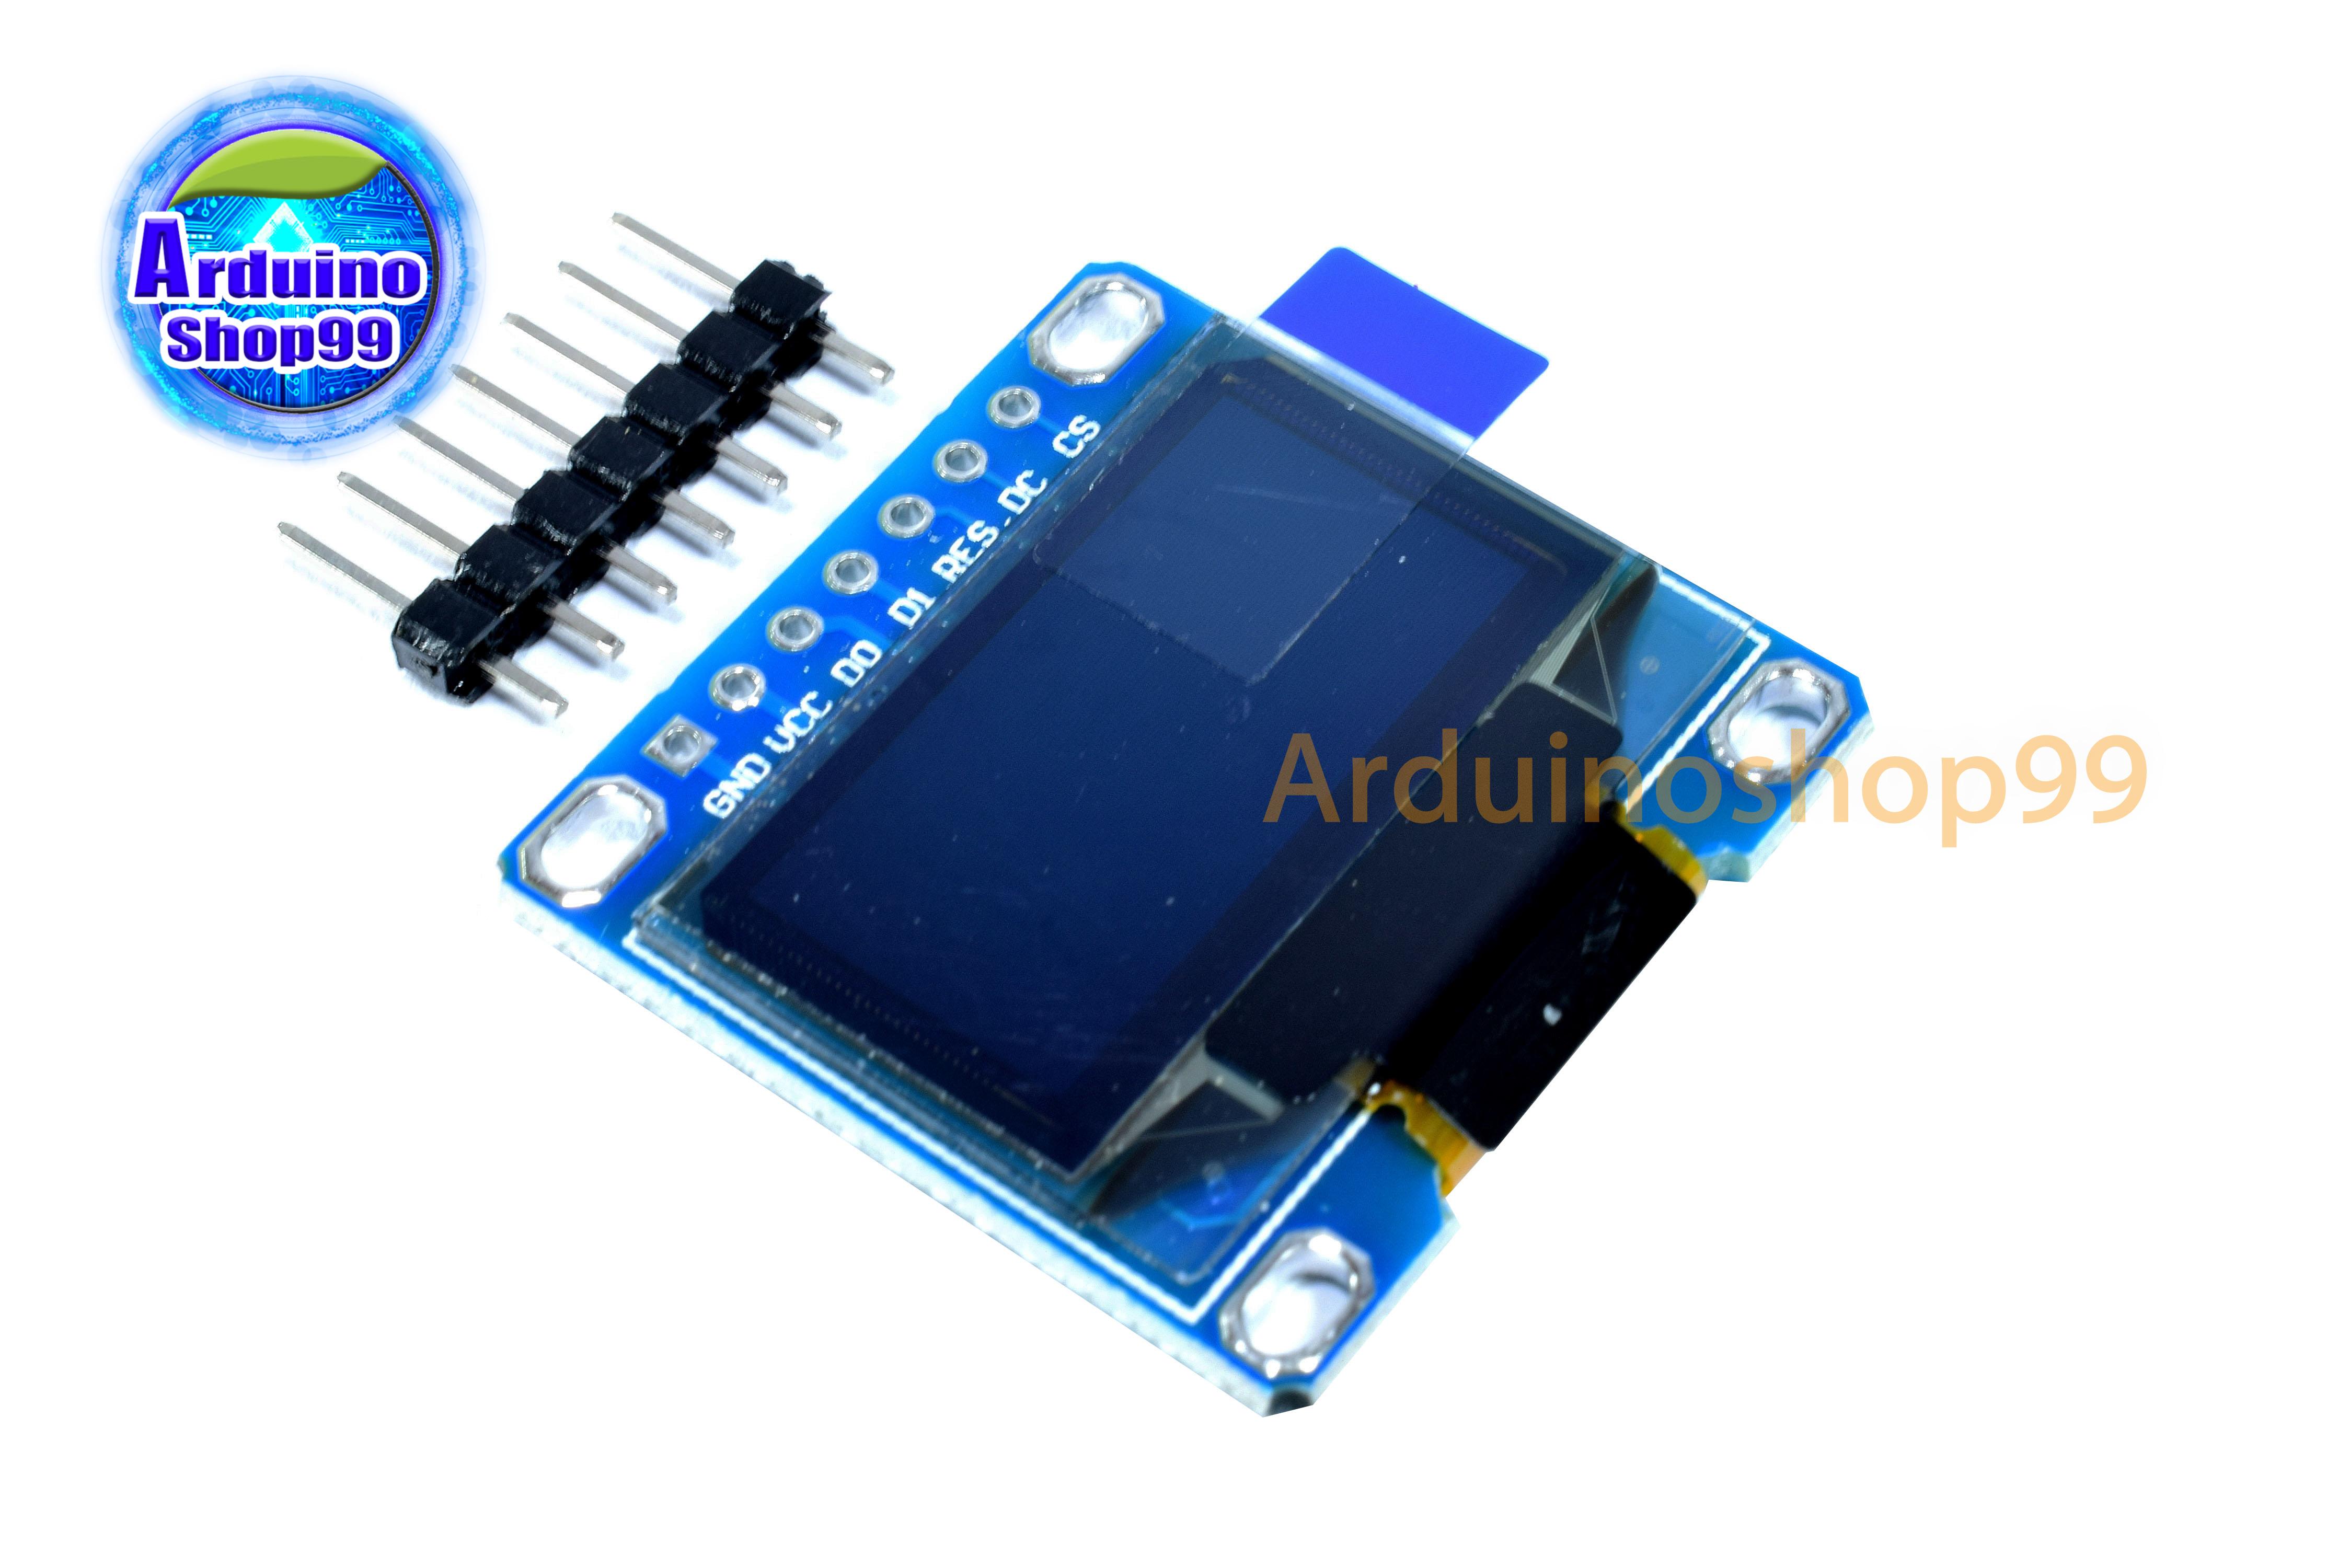 จอแสดงผล OLED ขนาด 0 96 นิ้ว แบบ SPI/I2C สีน้ำเงิน 7 pin